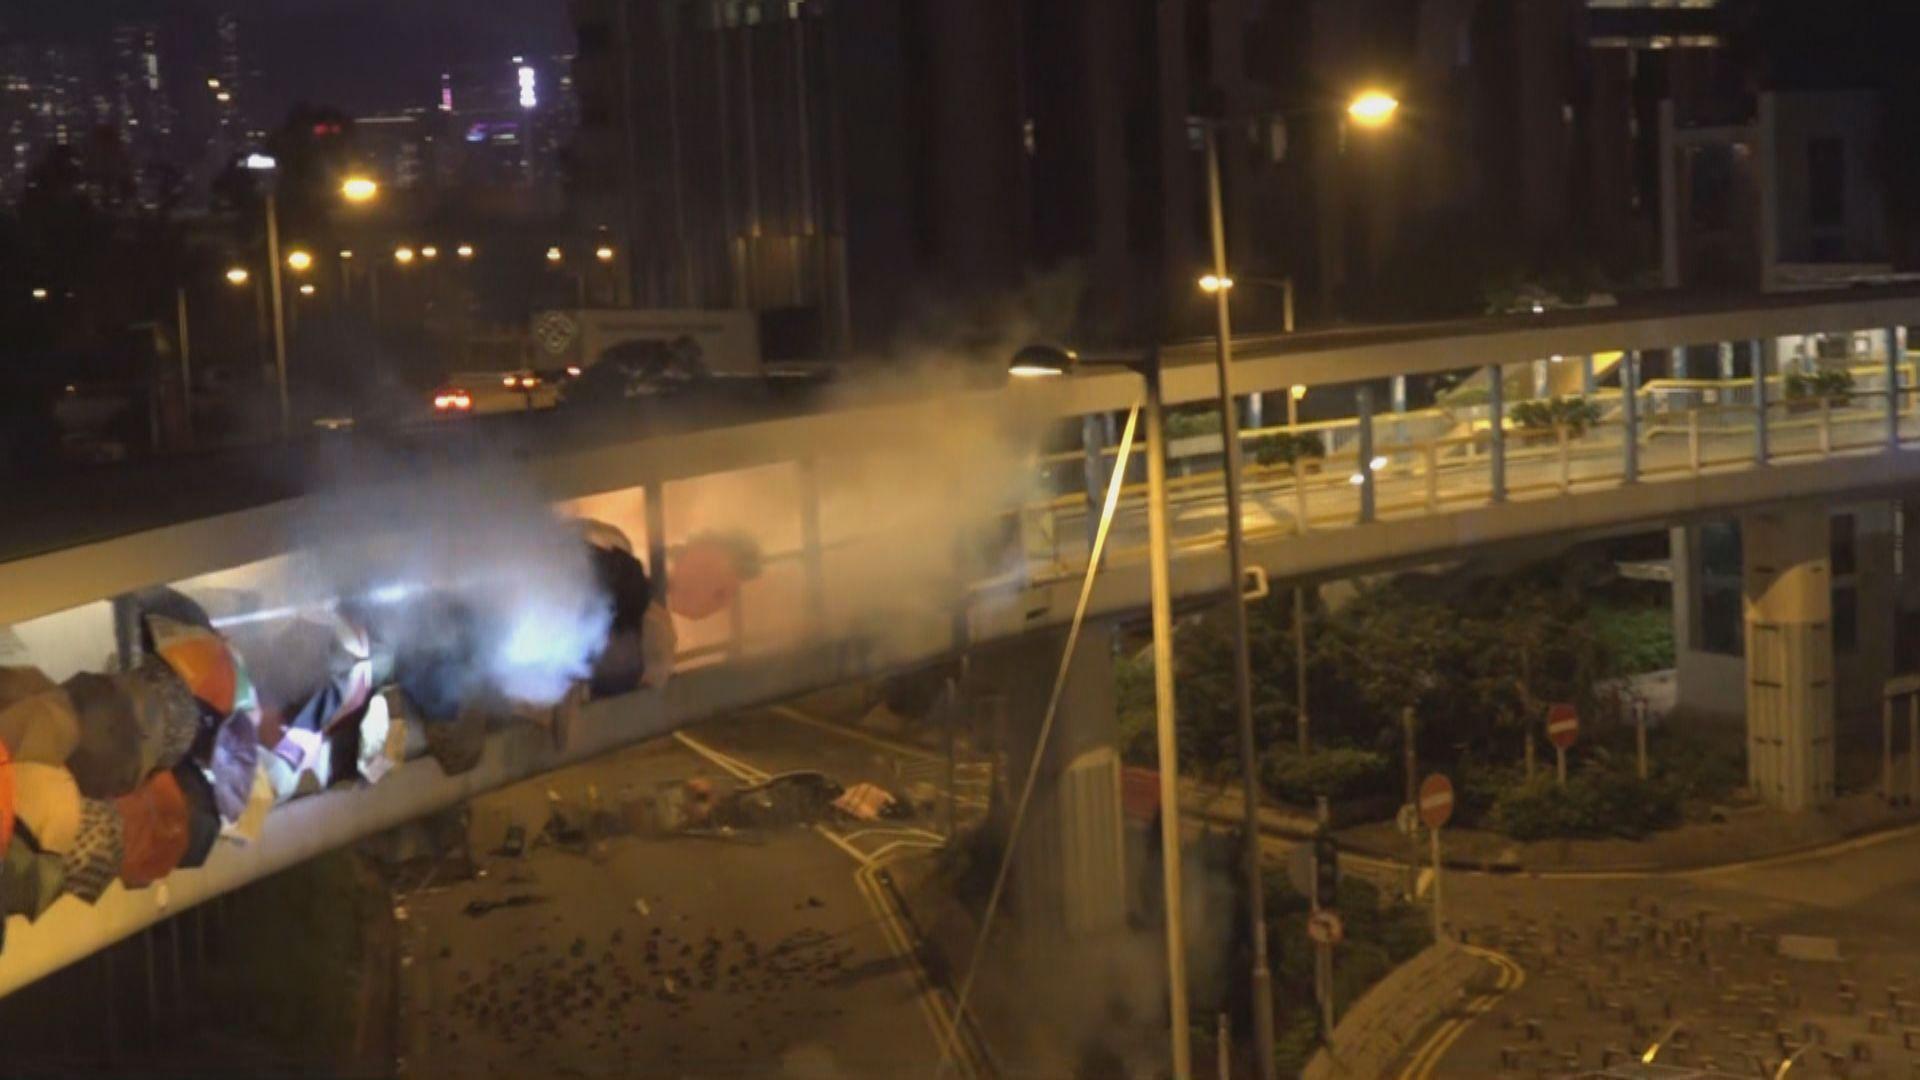 警方紅館外施發催淚彈 示威者擲汽油彈還擊